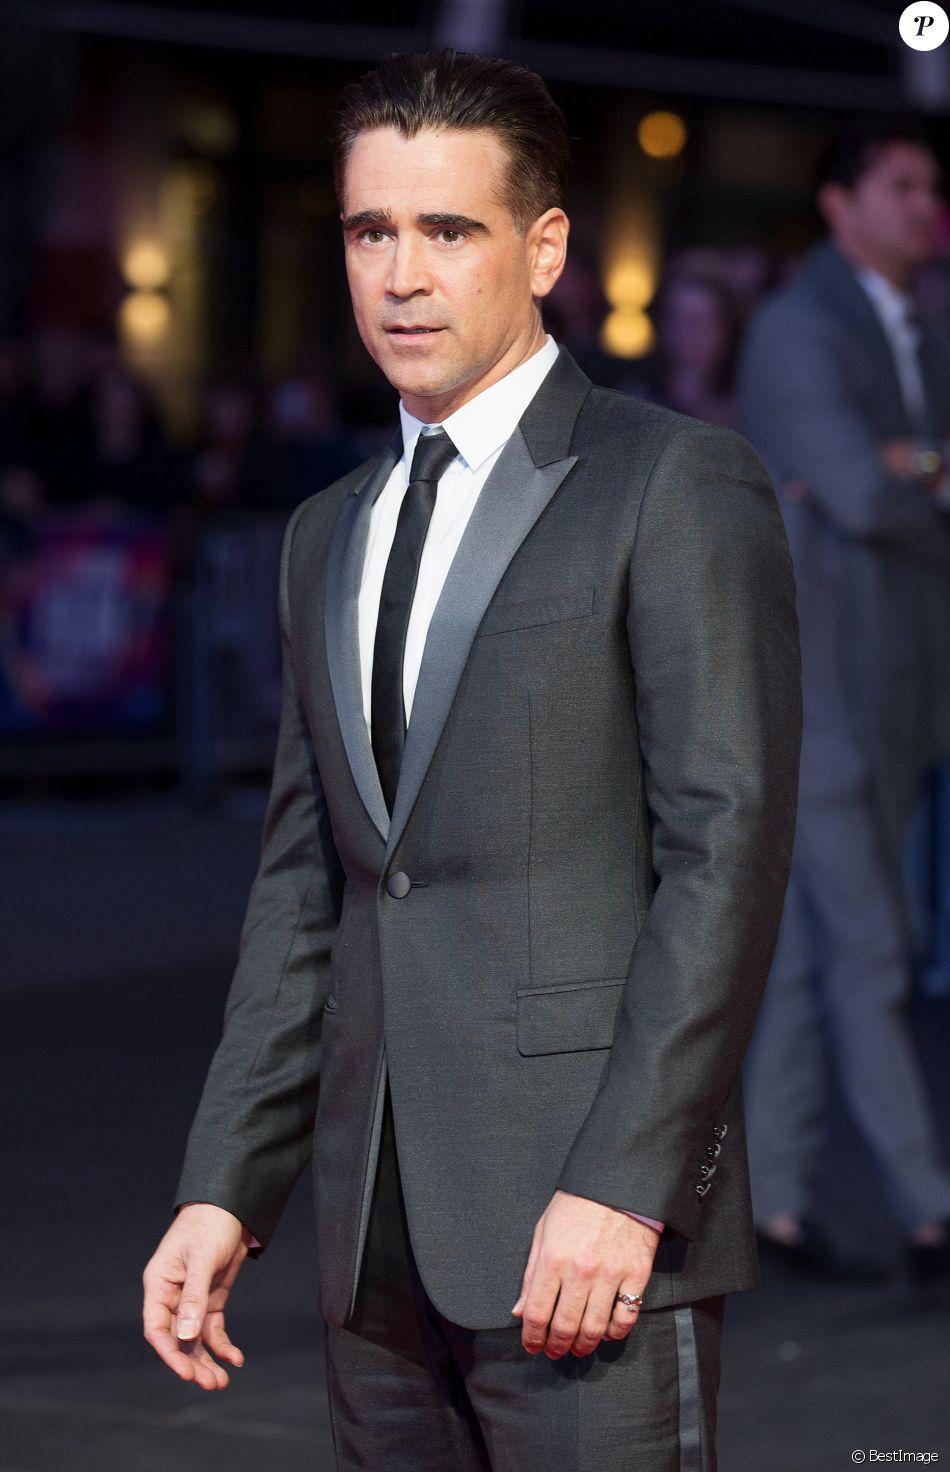 """Colin Farrell lors de la première du film """"Mise à mort du cerf sacré"""" (The Killing of a Sacred Deer) au cinéma Odeon à Londres le 12 octobre 2017."""